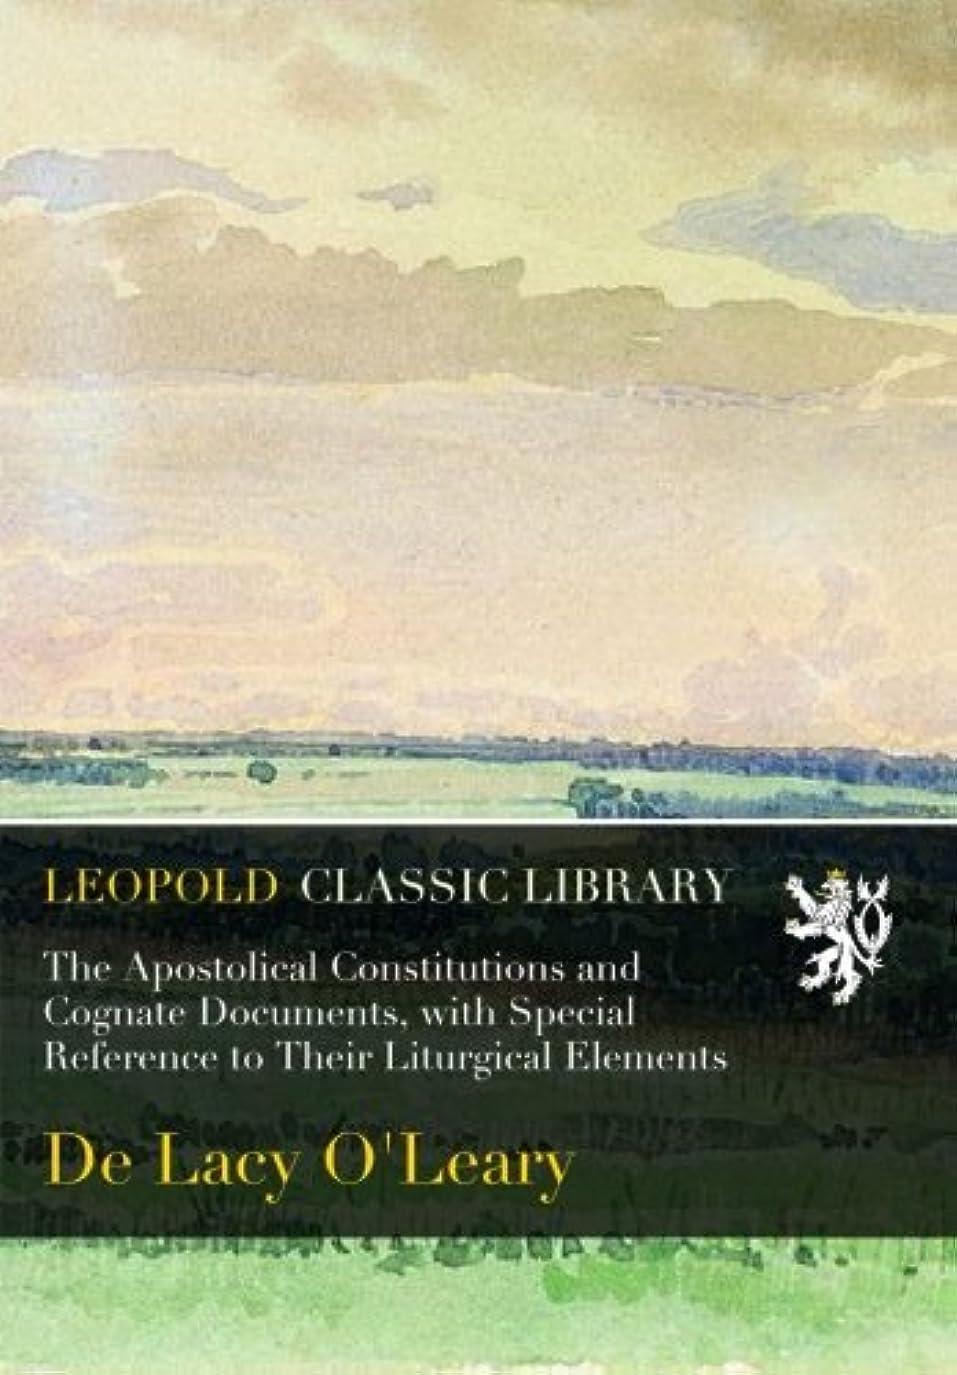 ペンス一般的に言えば値The Apostolical Constitutions and Cognate Documents, with Special Reference to Their Liturgical Elements